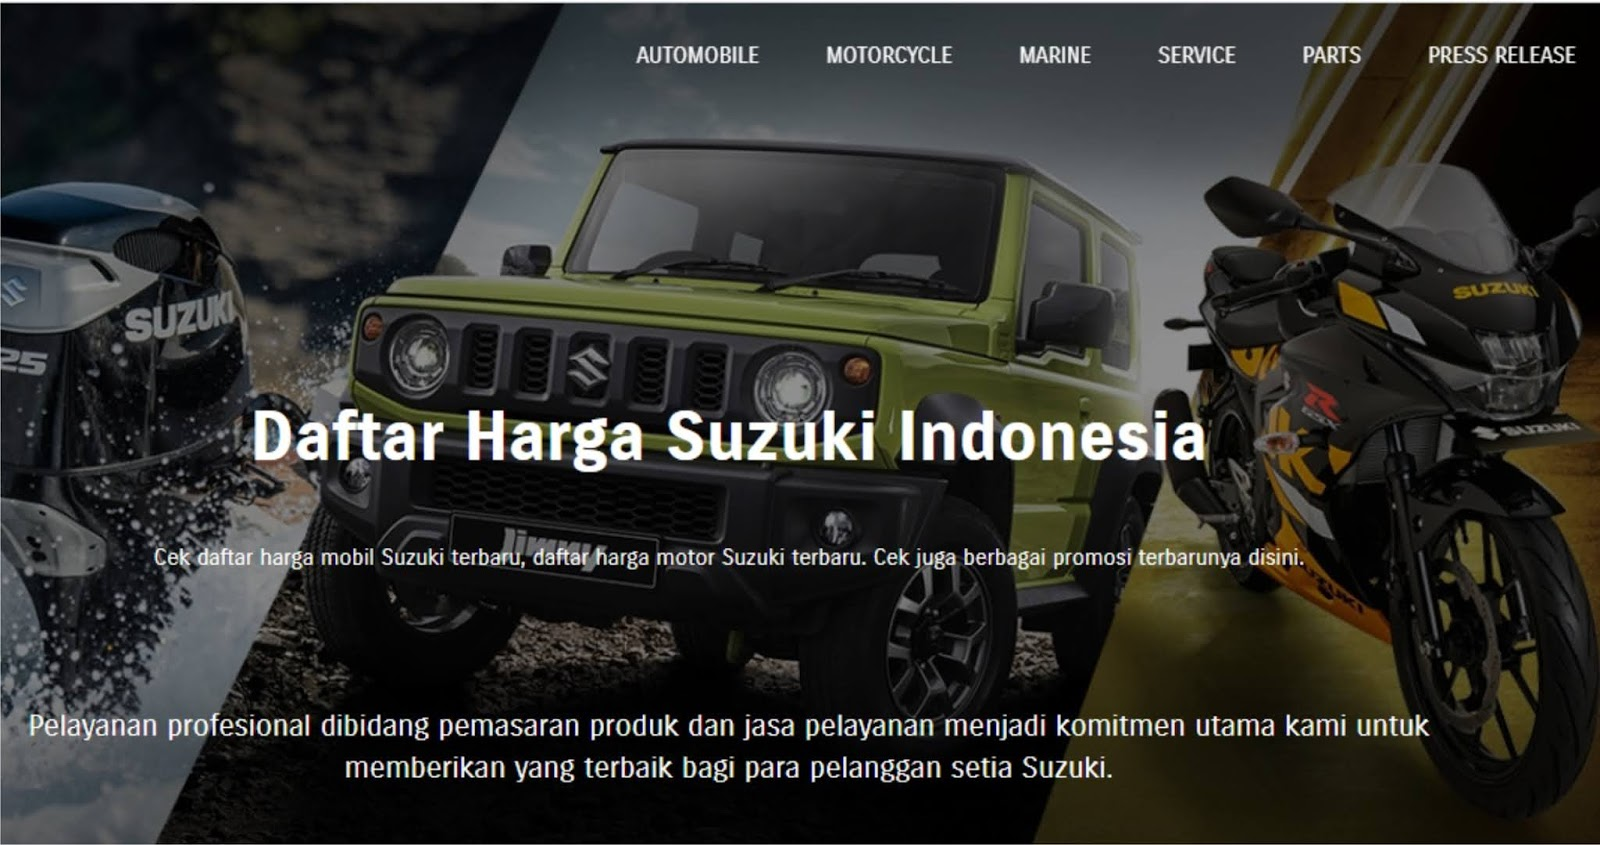 Daftar Harga Mobil Suzuki Terbaru Beserta Sedikit Ulasannya